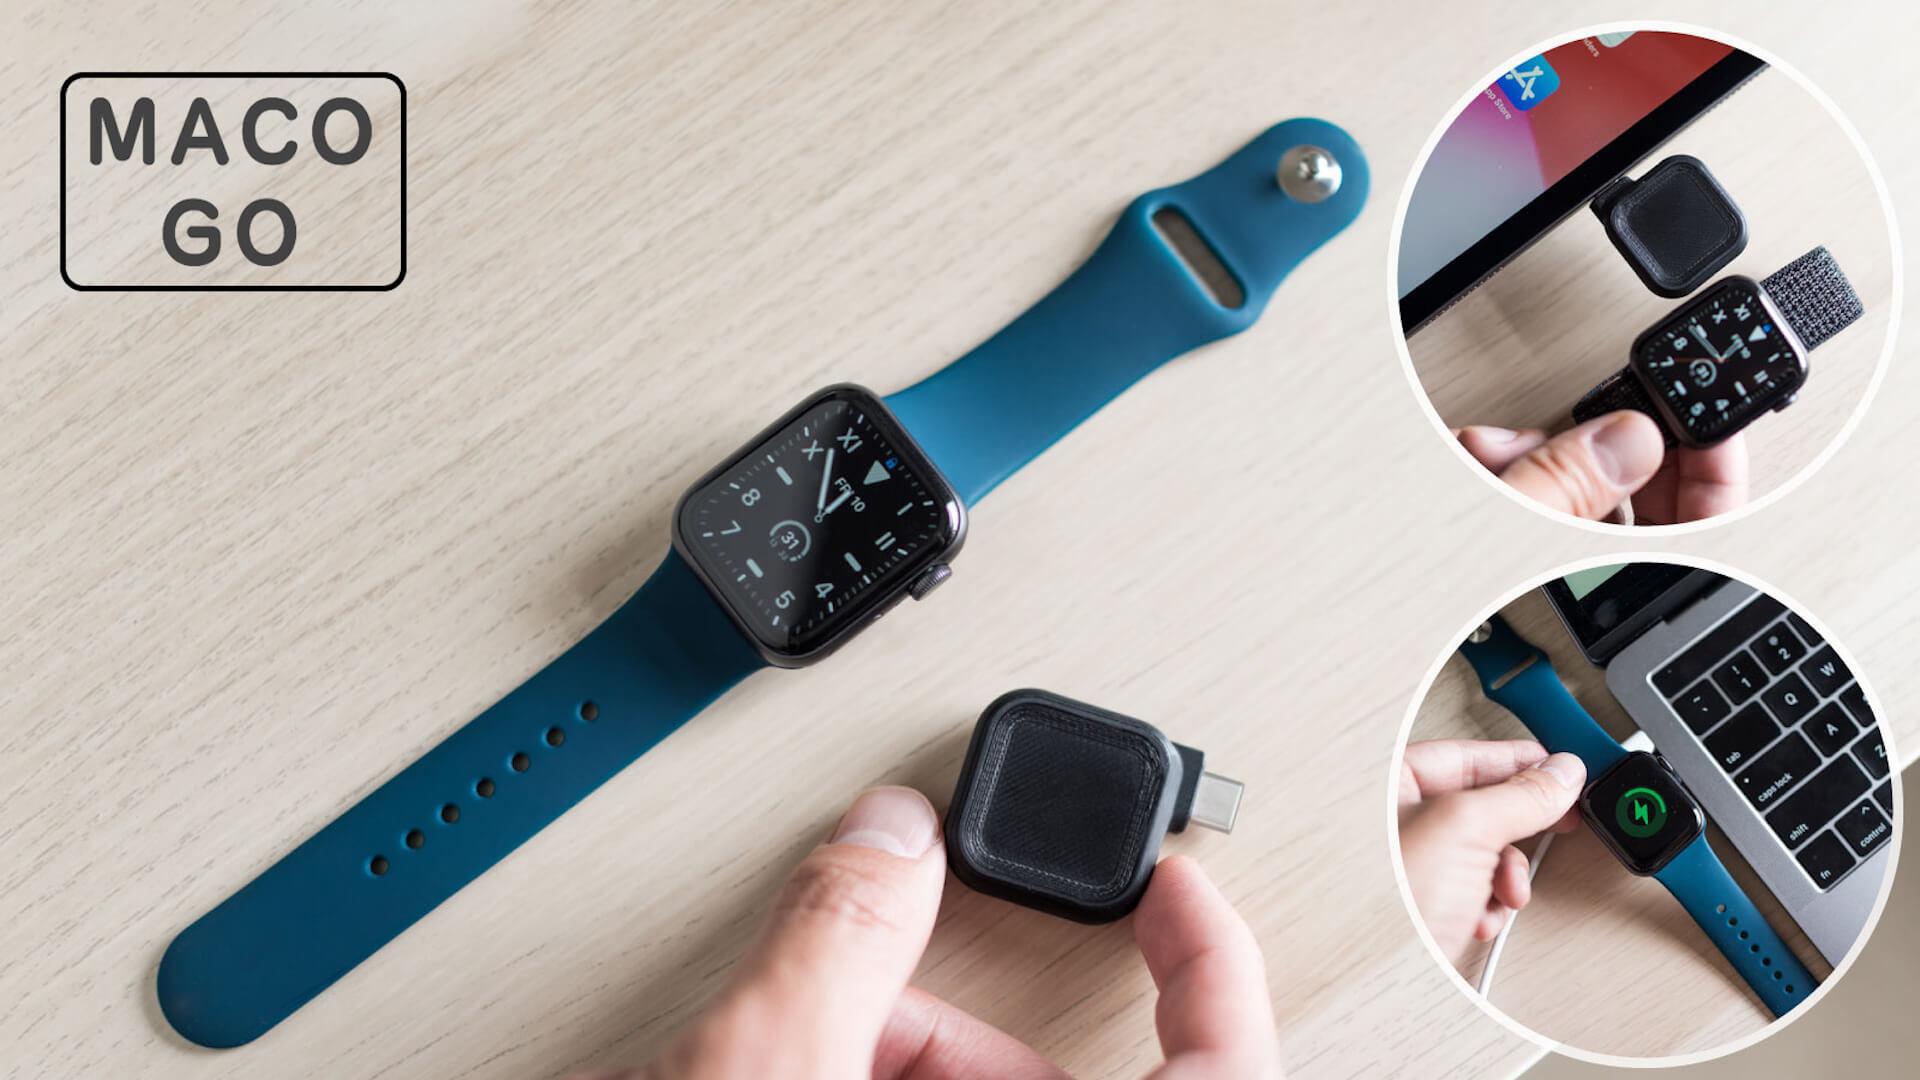 コインサイズのApple Watch専用充電器「MACO GO」がクラウドファンディング「Makuake」に登場! tech200624_macogo_3